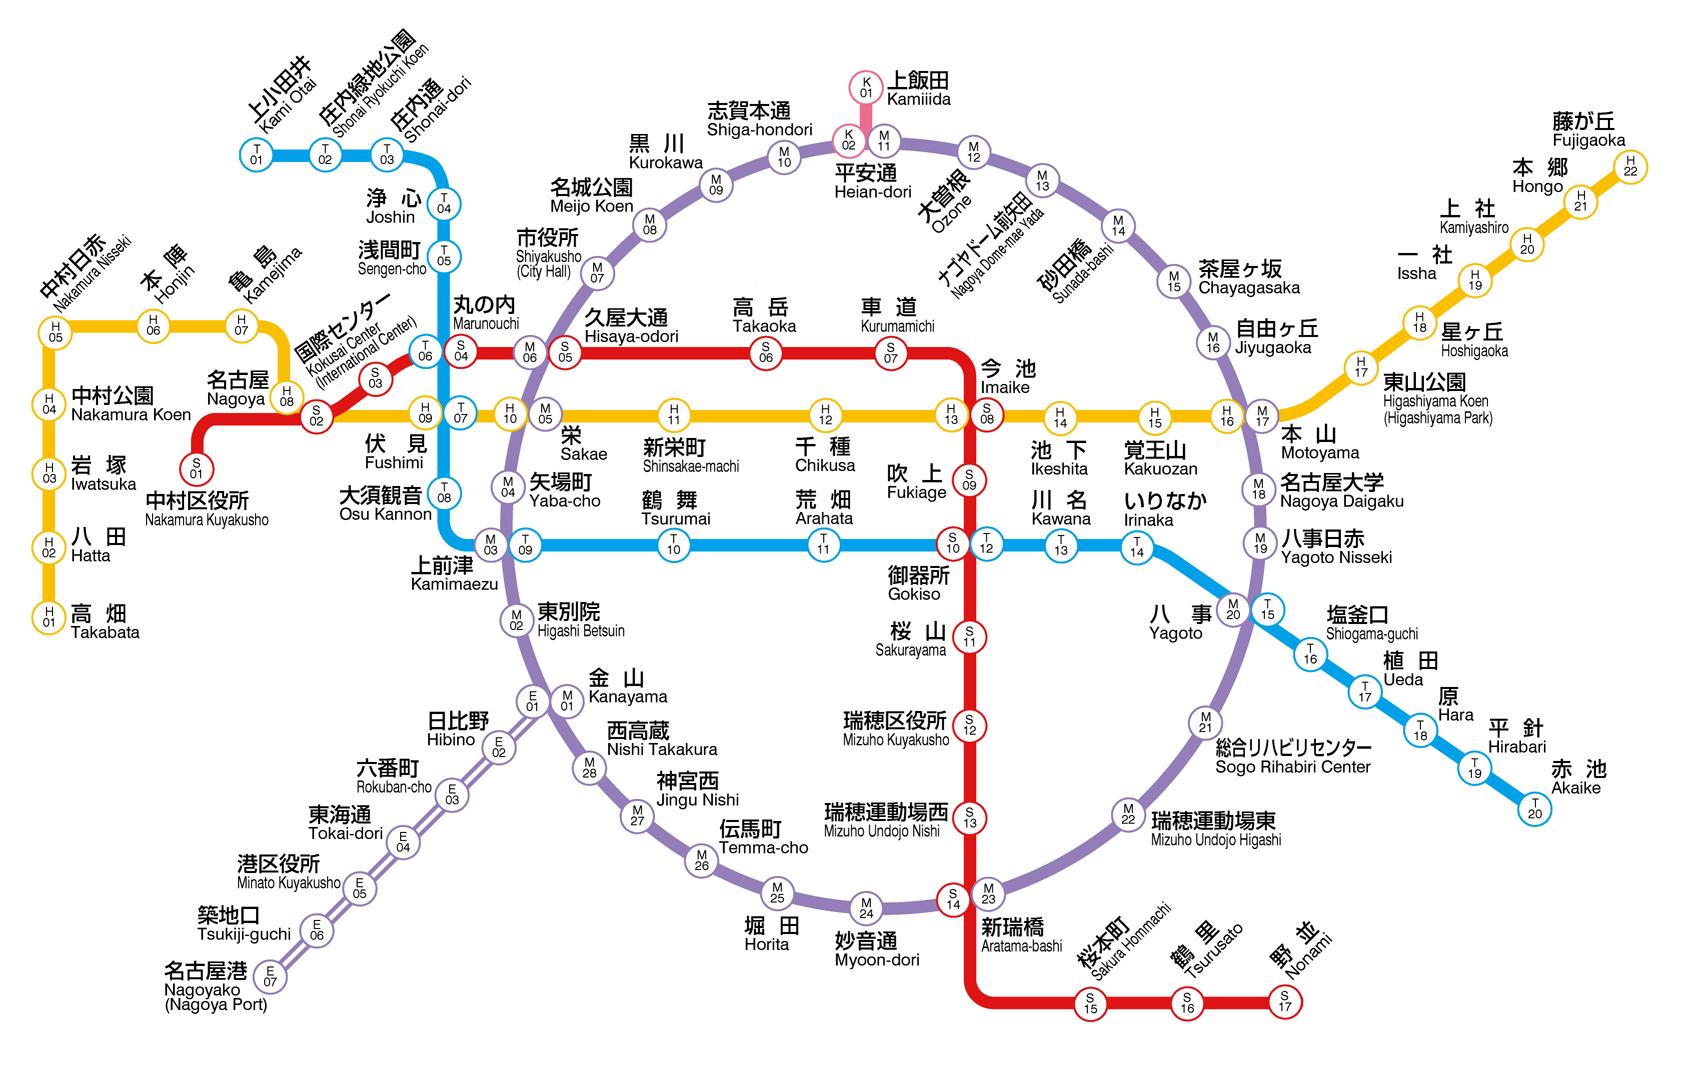 Seoul Subway Map 1989.Nagoya Municipal Subway Rapid Transit Wiki Fandom Powered By Wikia